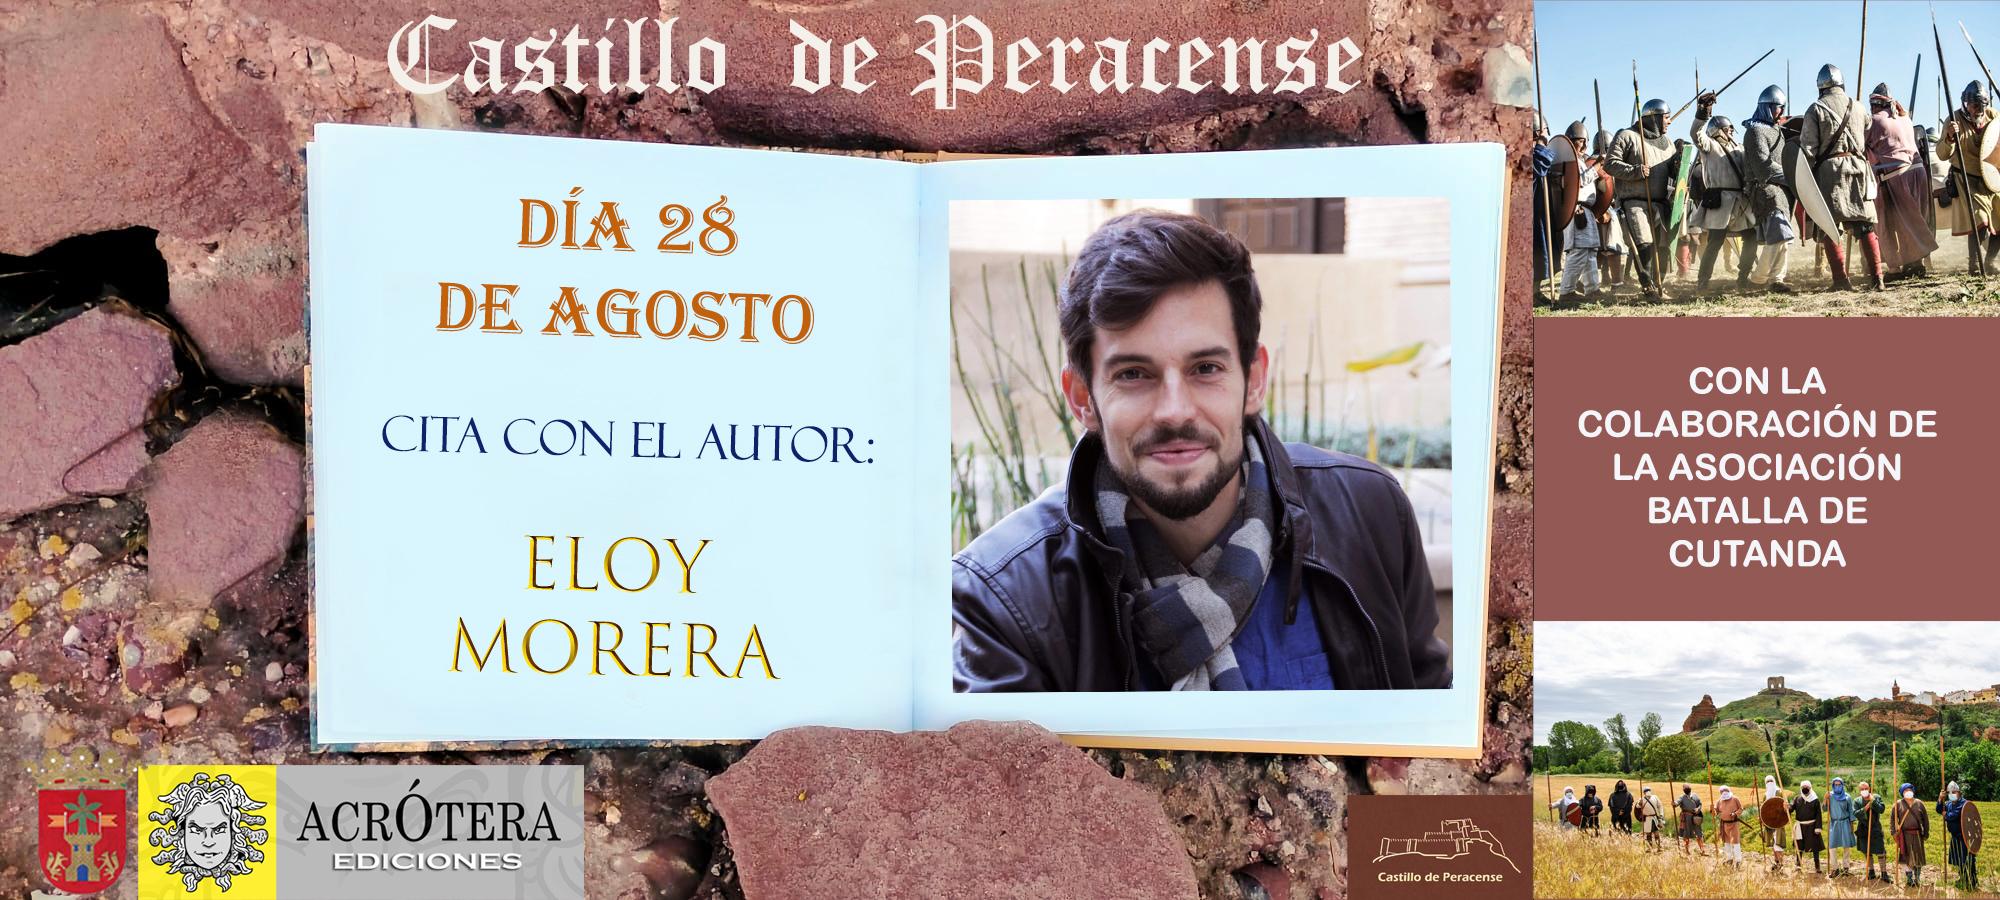 Visita Castillo de Peracense y Cita con el Autor Eloy Morera